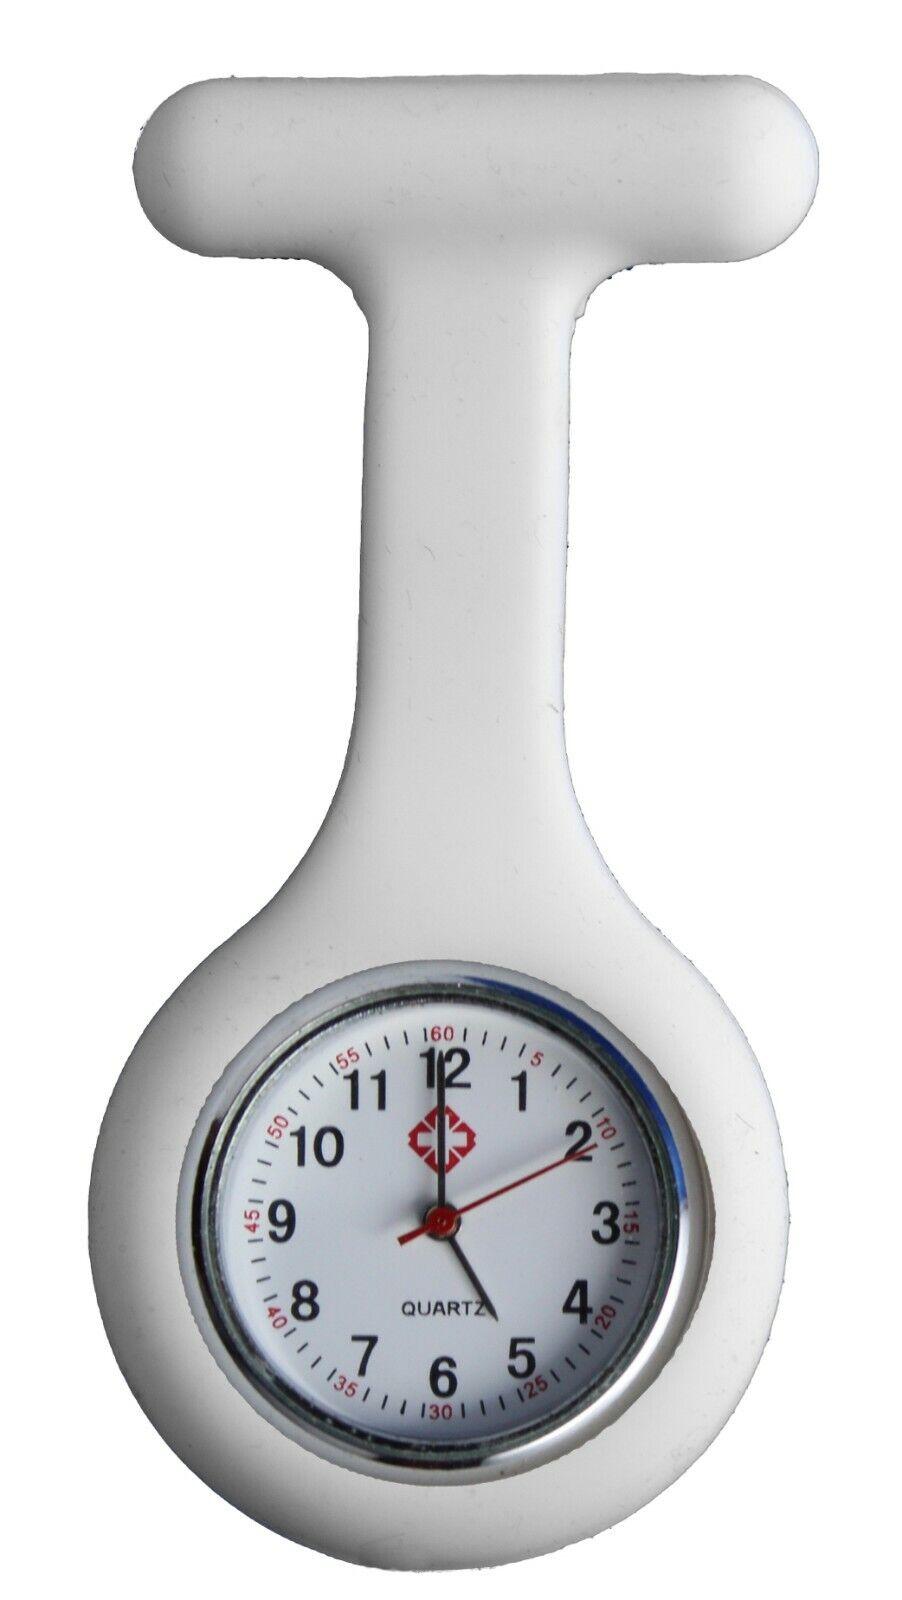 Krankenschwesteruhr Nurse Watch Silikonhülle Kittel Pflege Quarz Puls Weiß Uhr